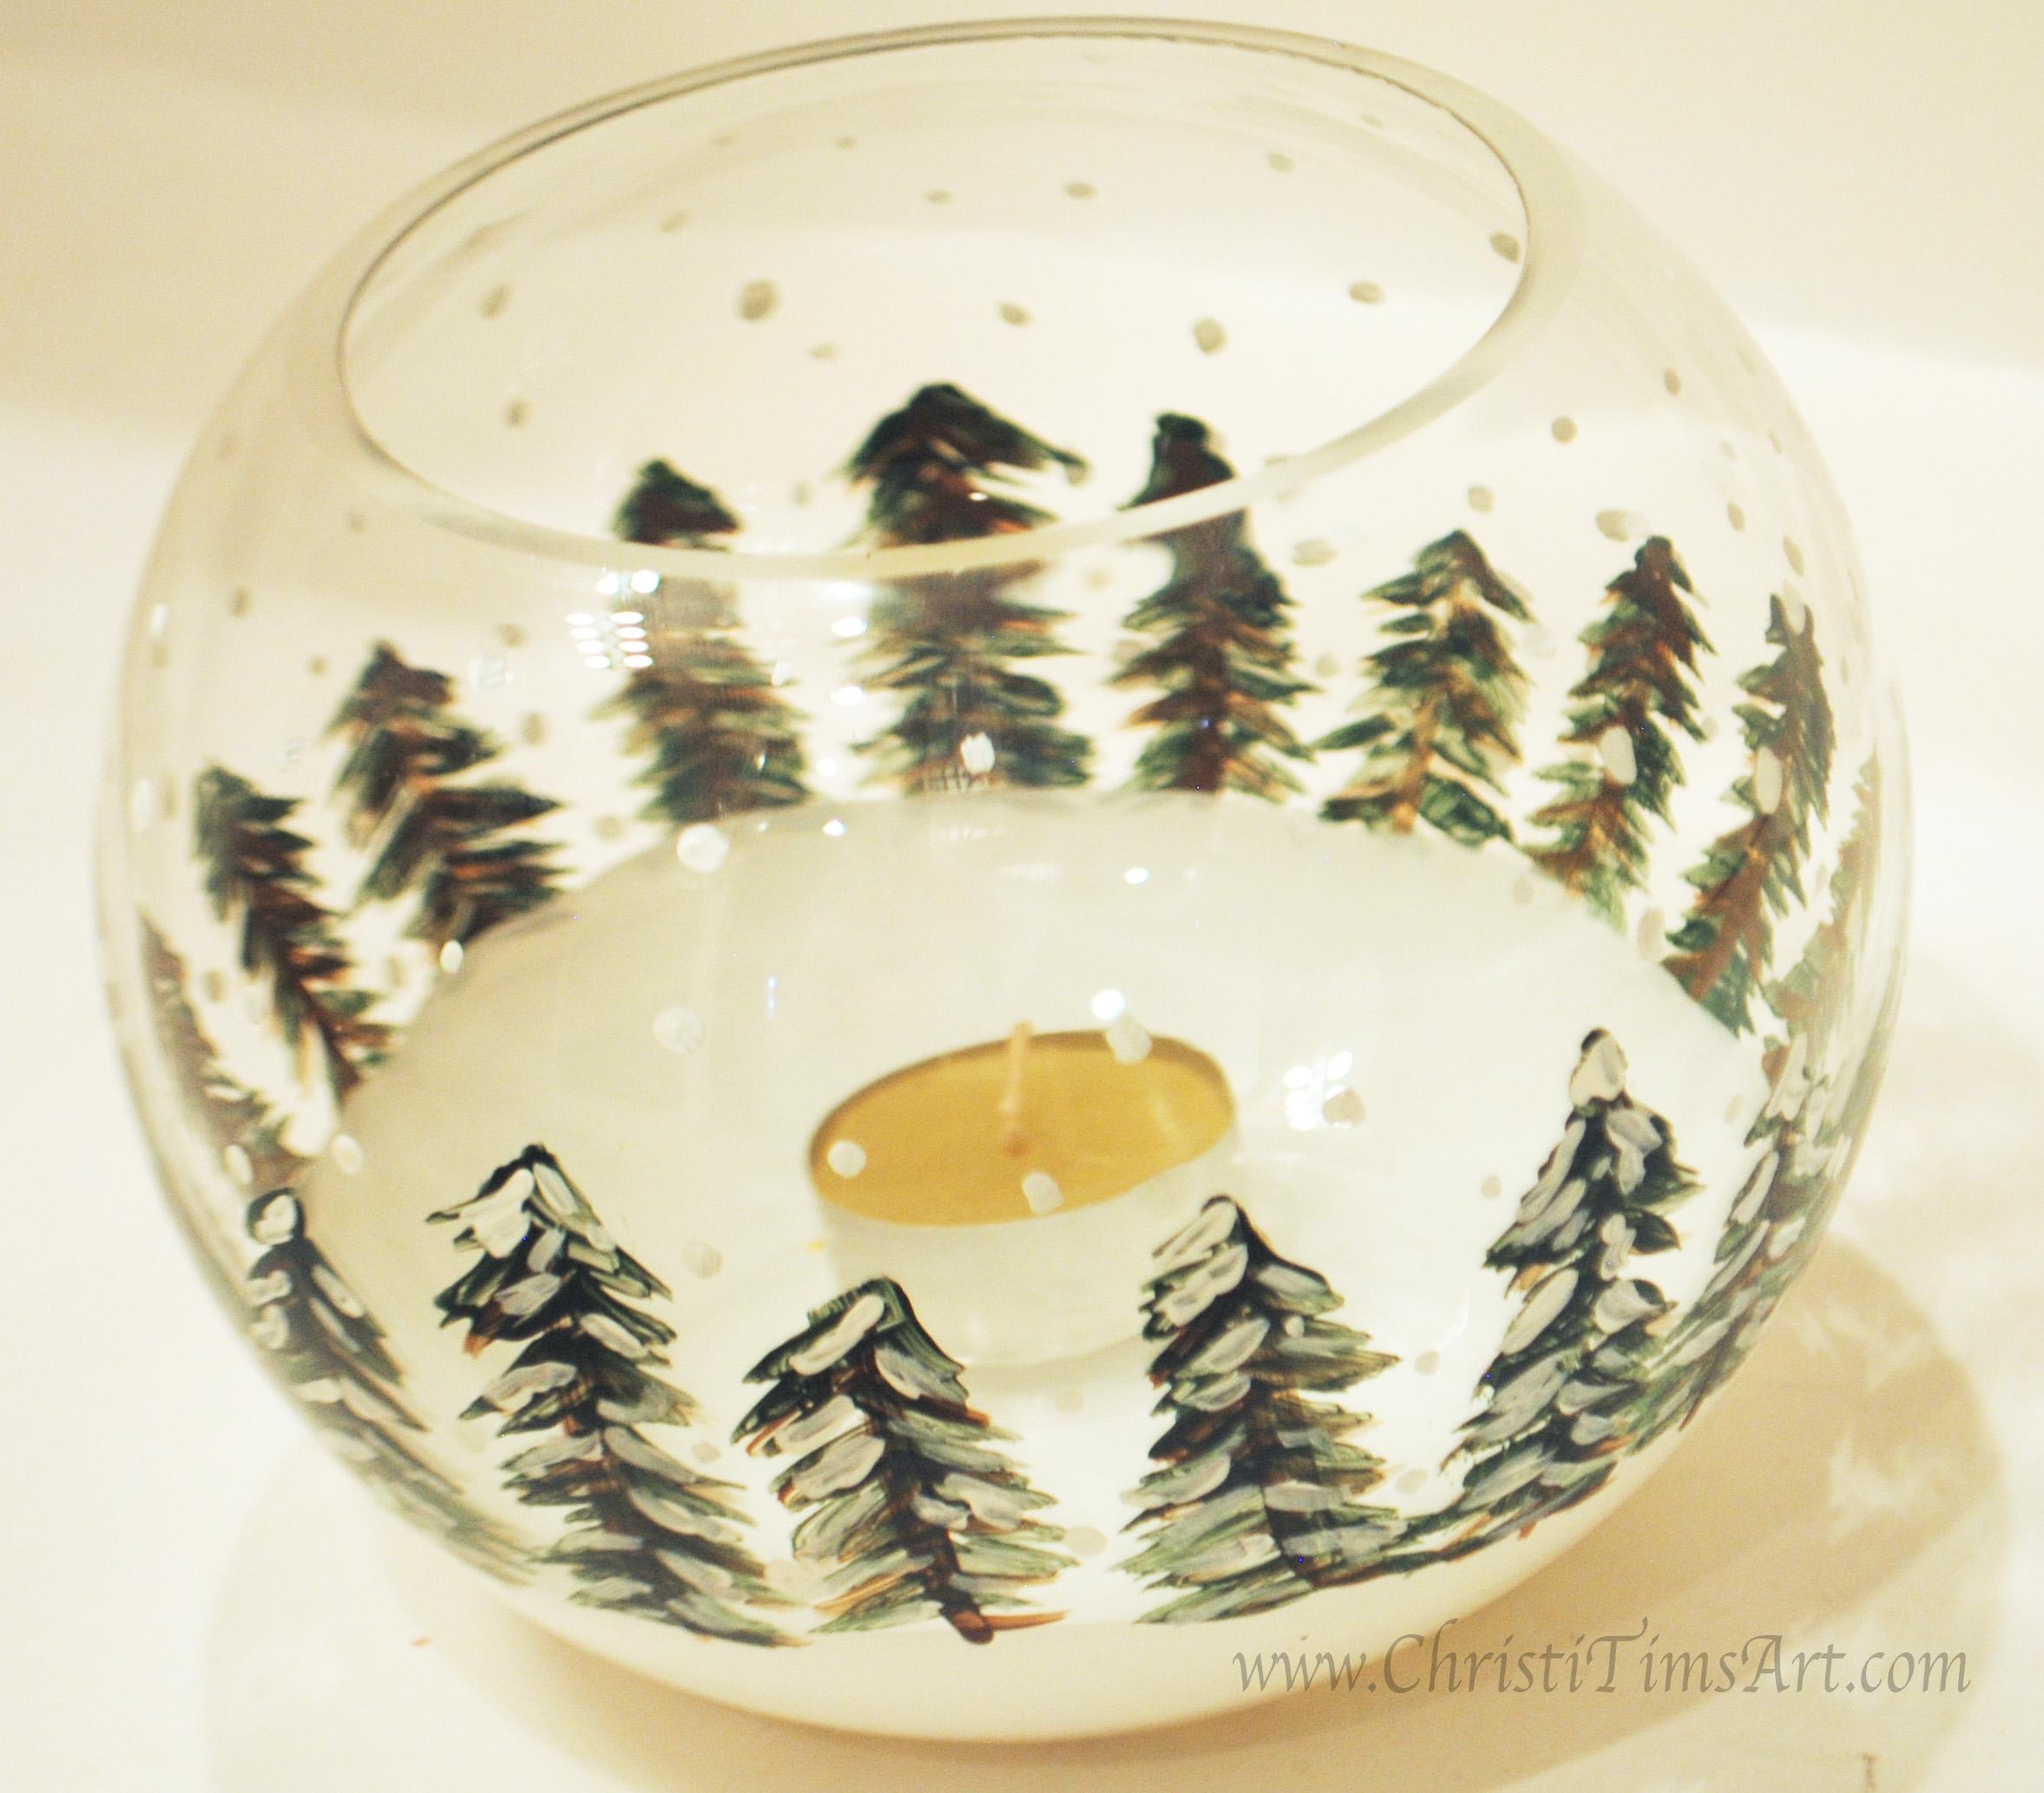 Christmas candle Christi Tims Art